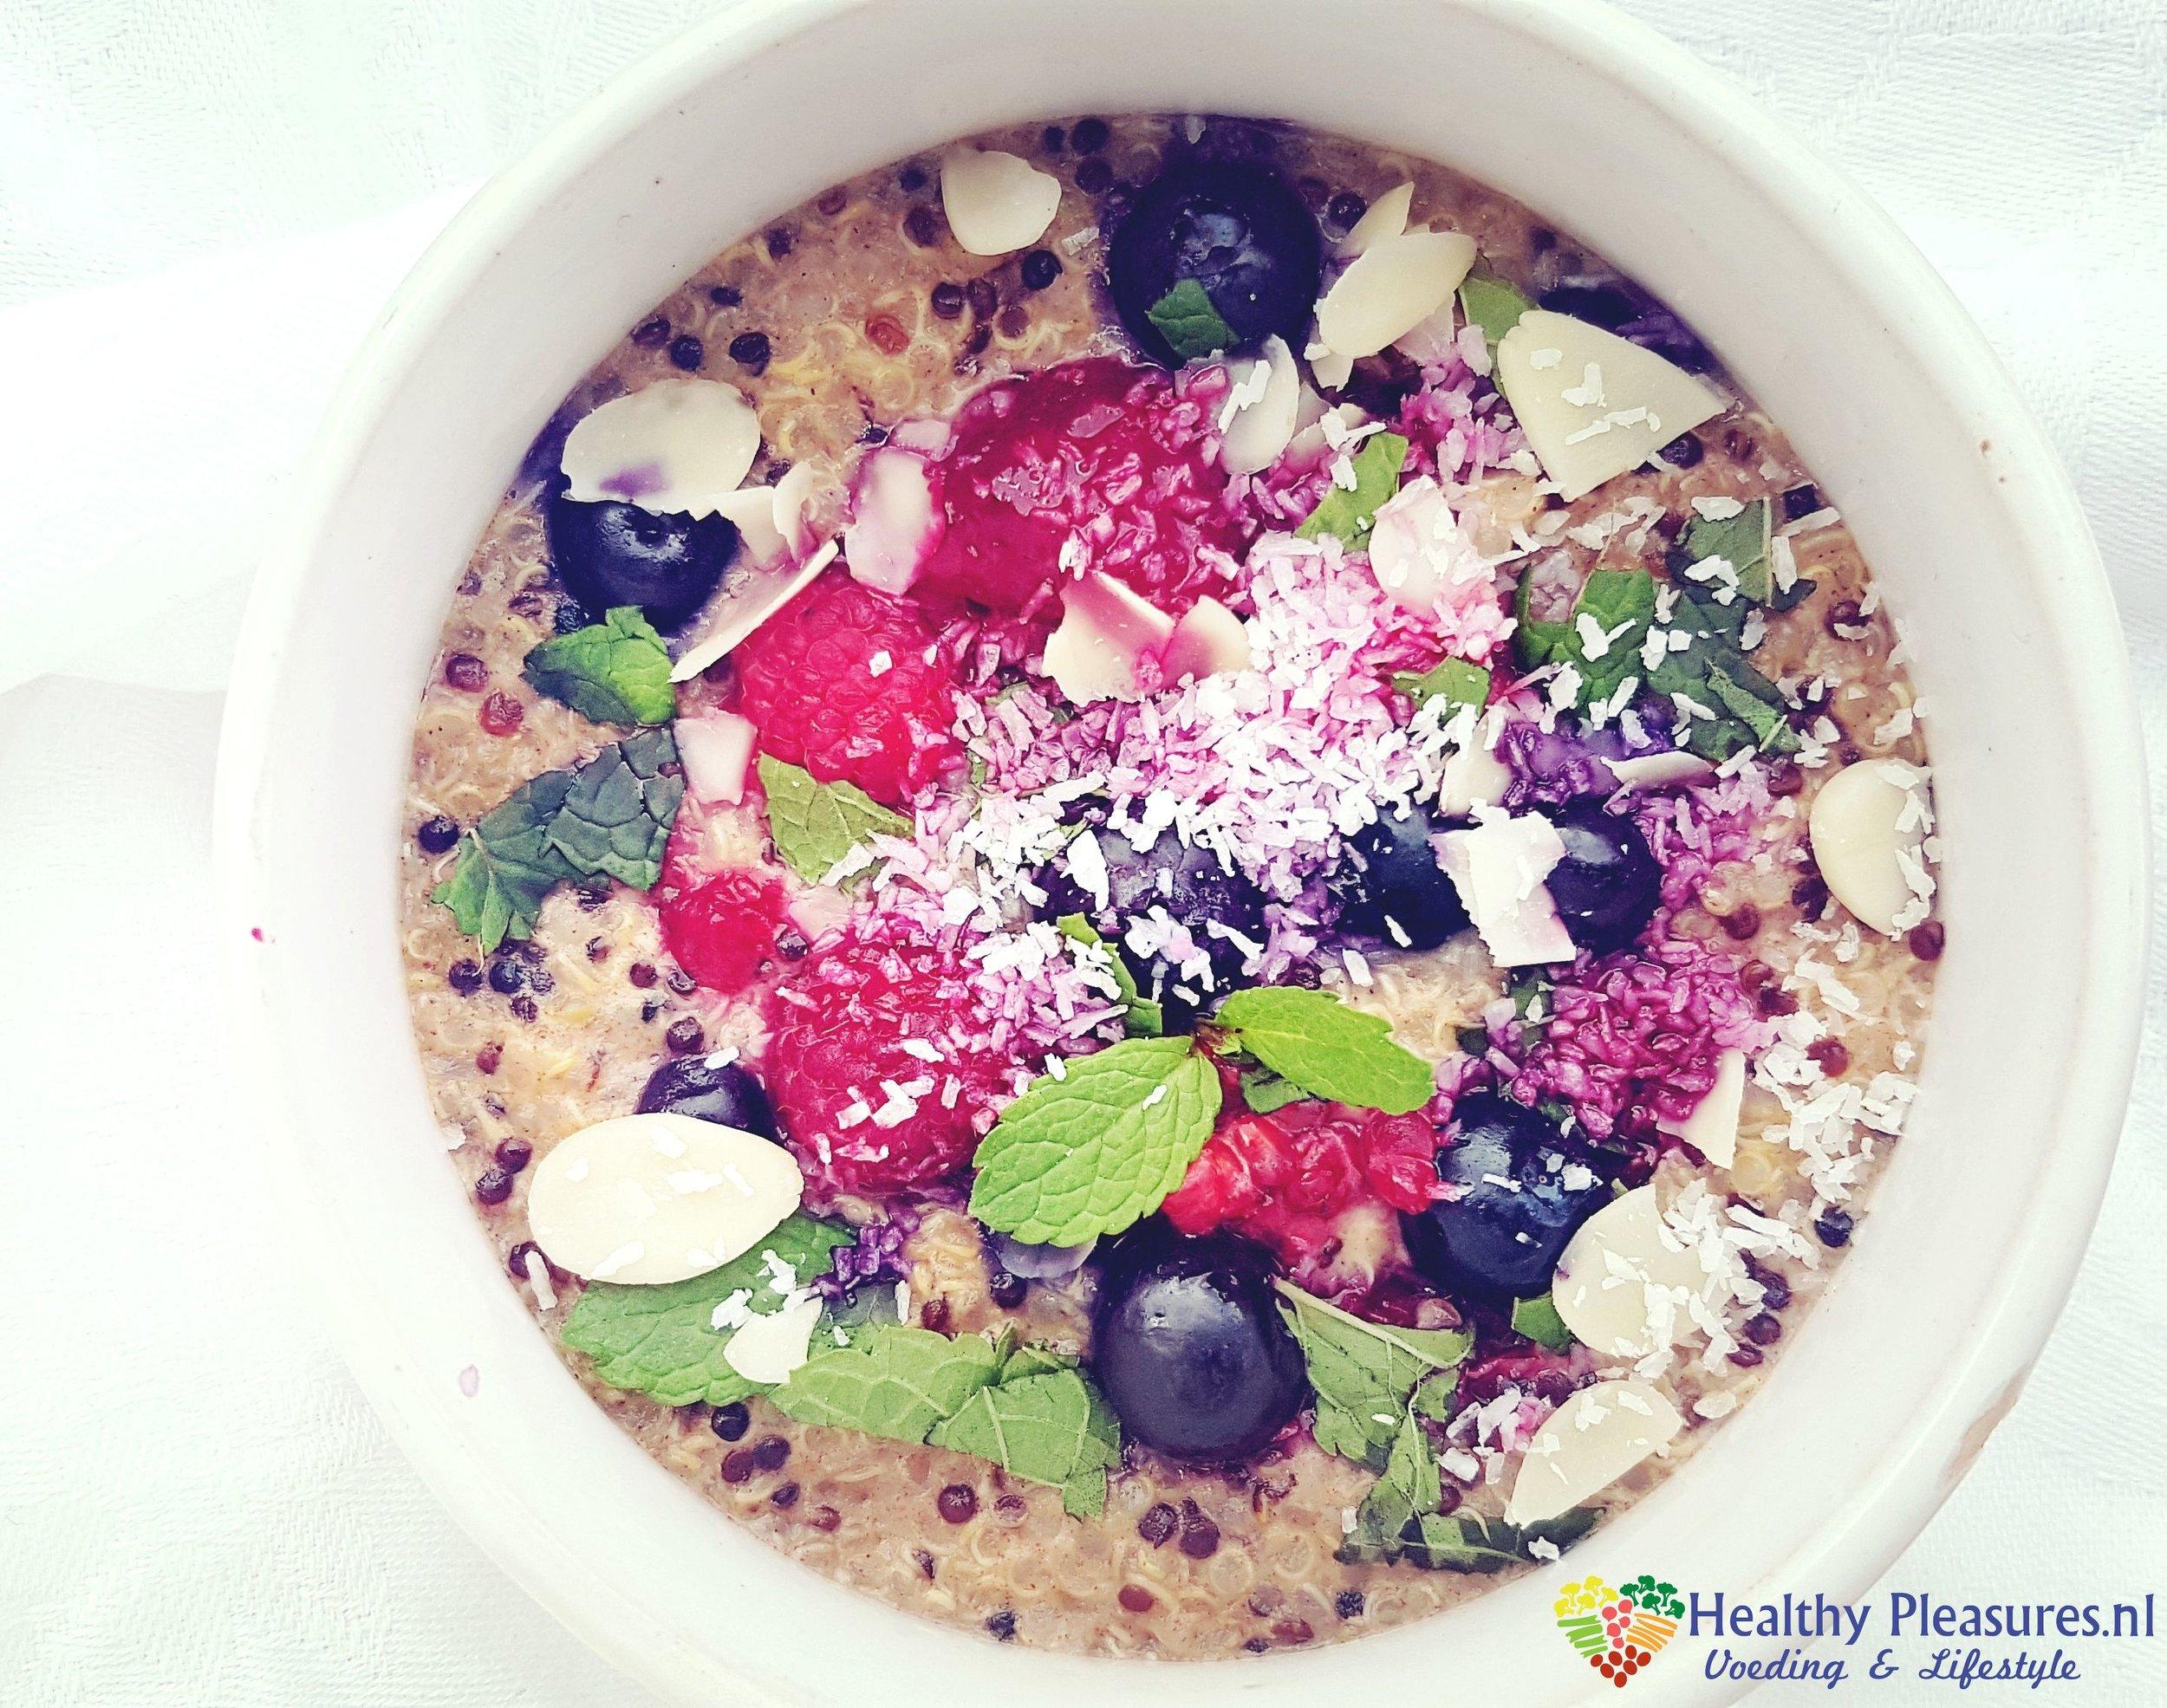 kokos-quinoa pap met blauwe bessen, frambozen, munt en amandelschaafsel